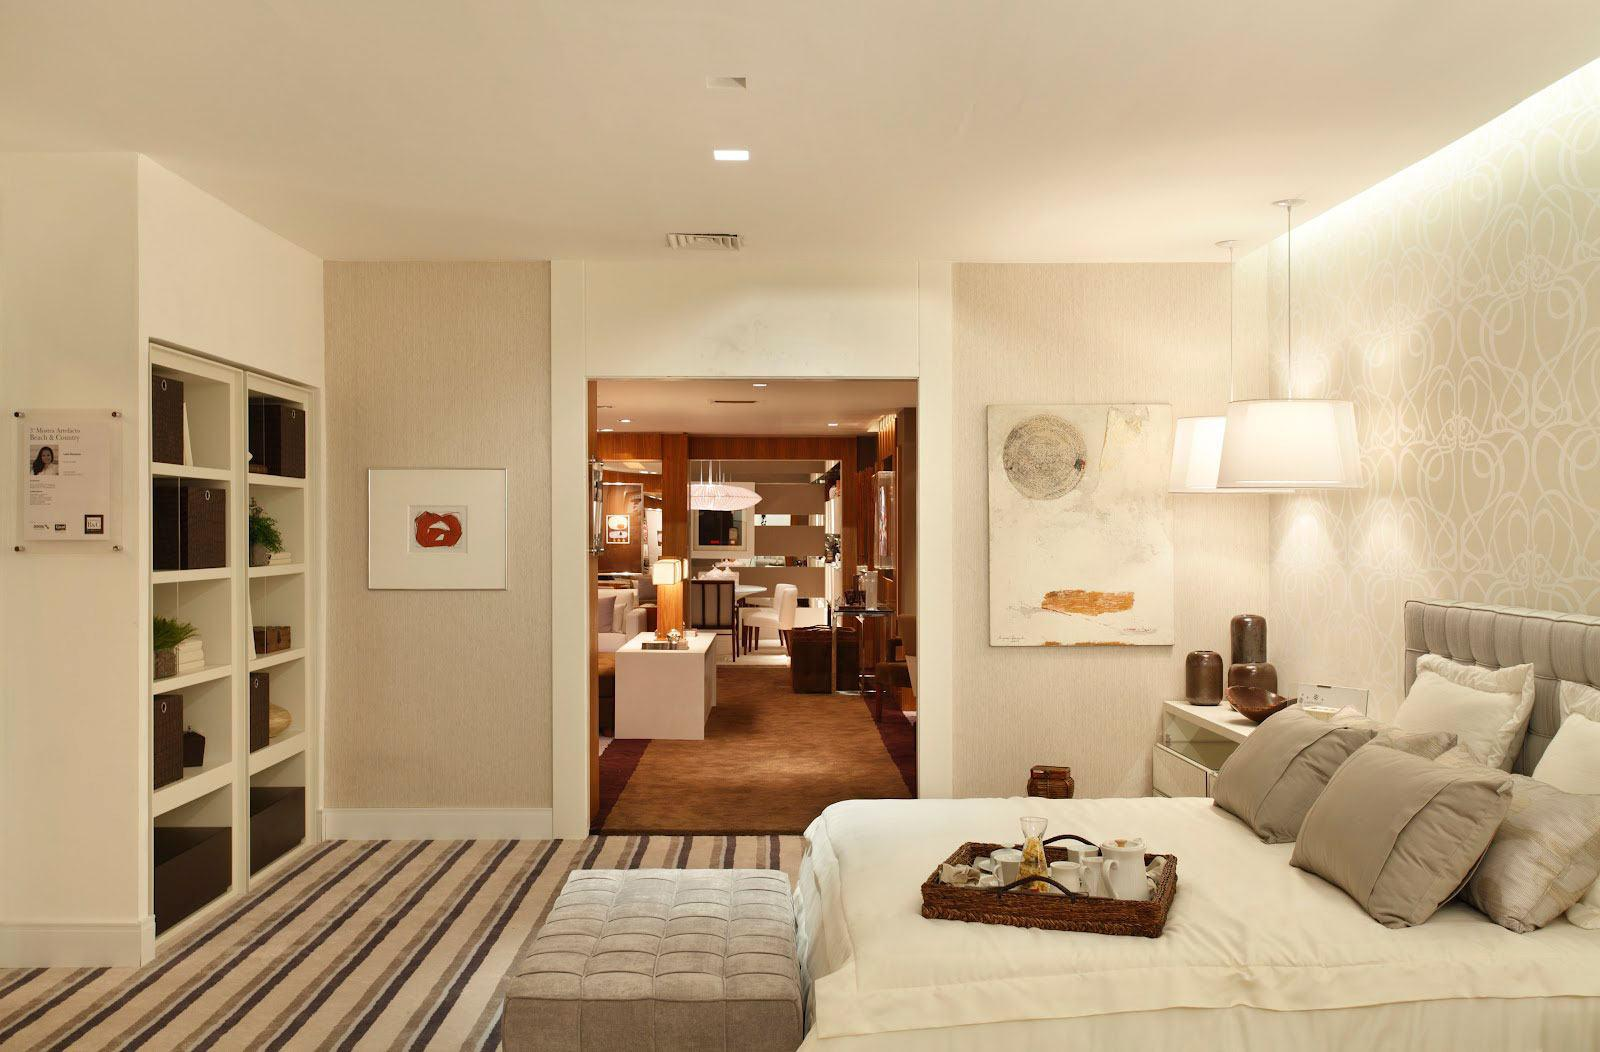 Люстры для спальни: 60 моделей в интерьере 15 | Дока-Мастер